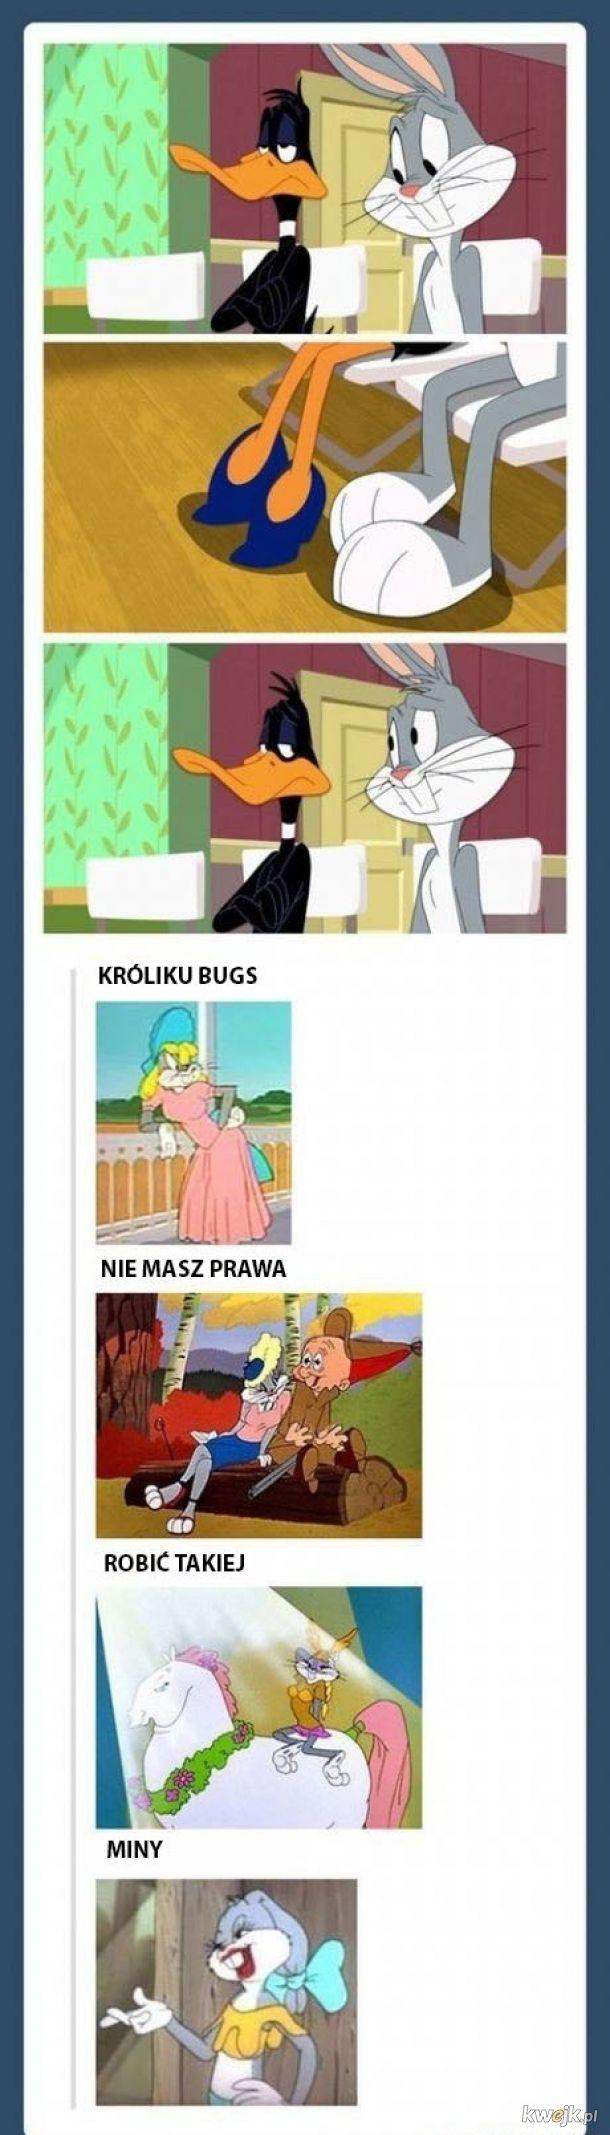 Królik Bugs